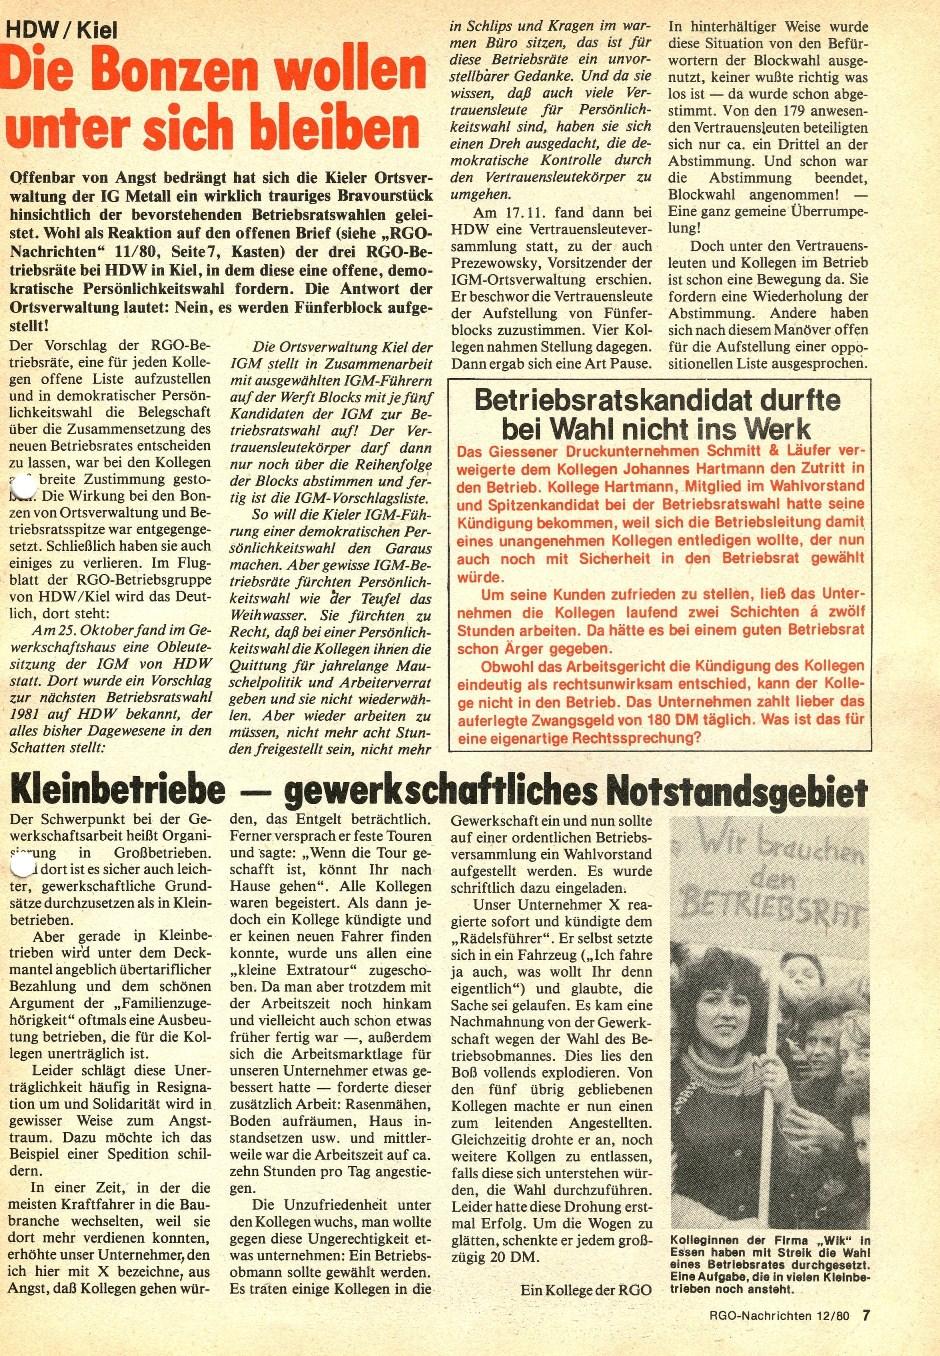 RGO_RGO_Nachrichten_1980_12_07